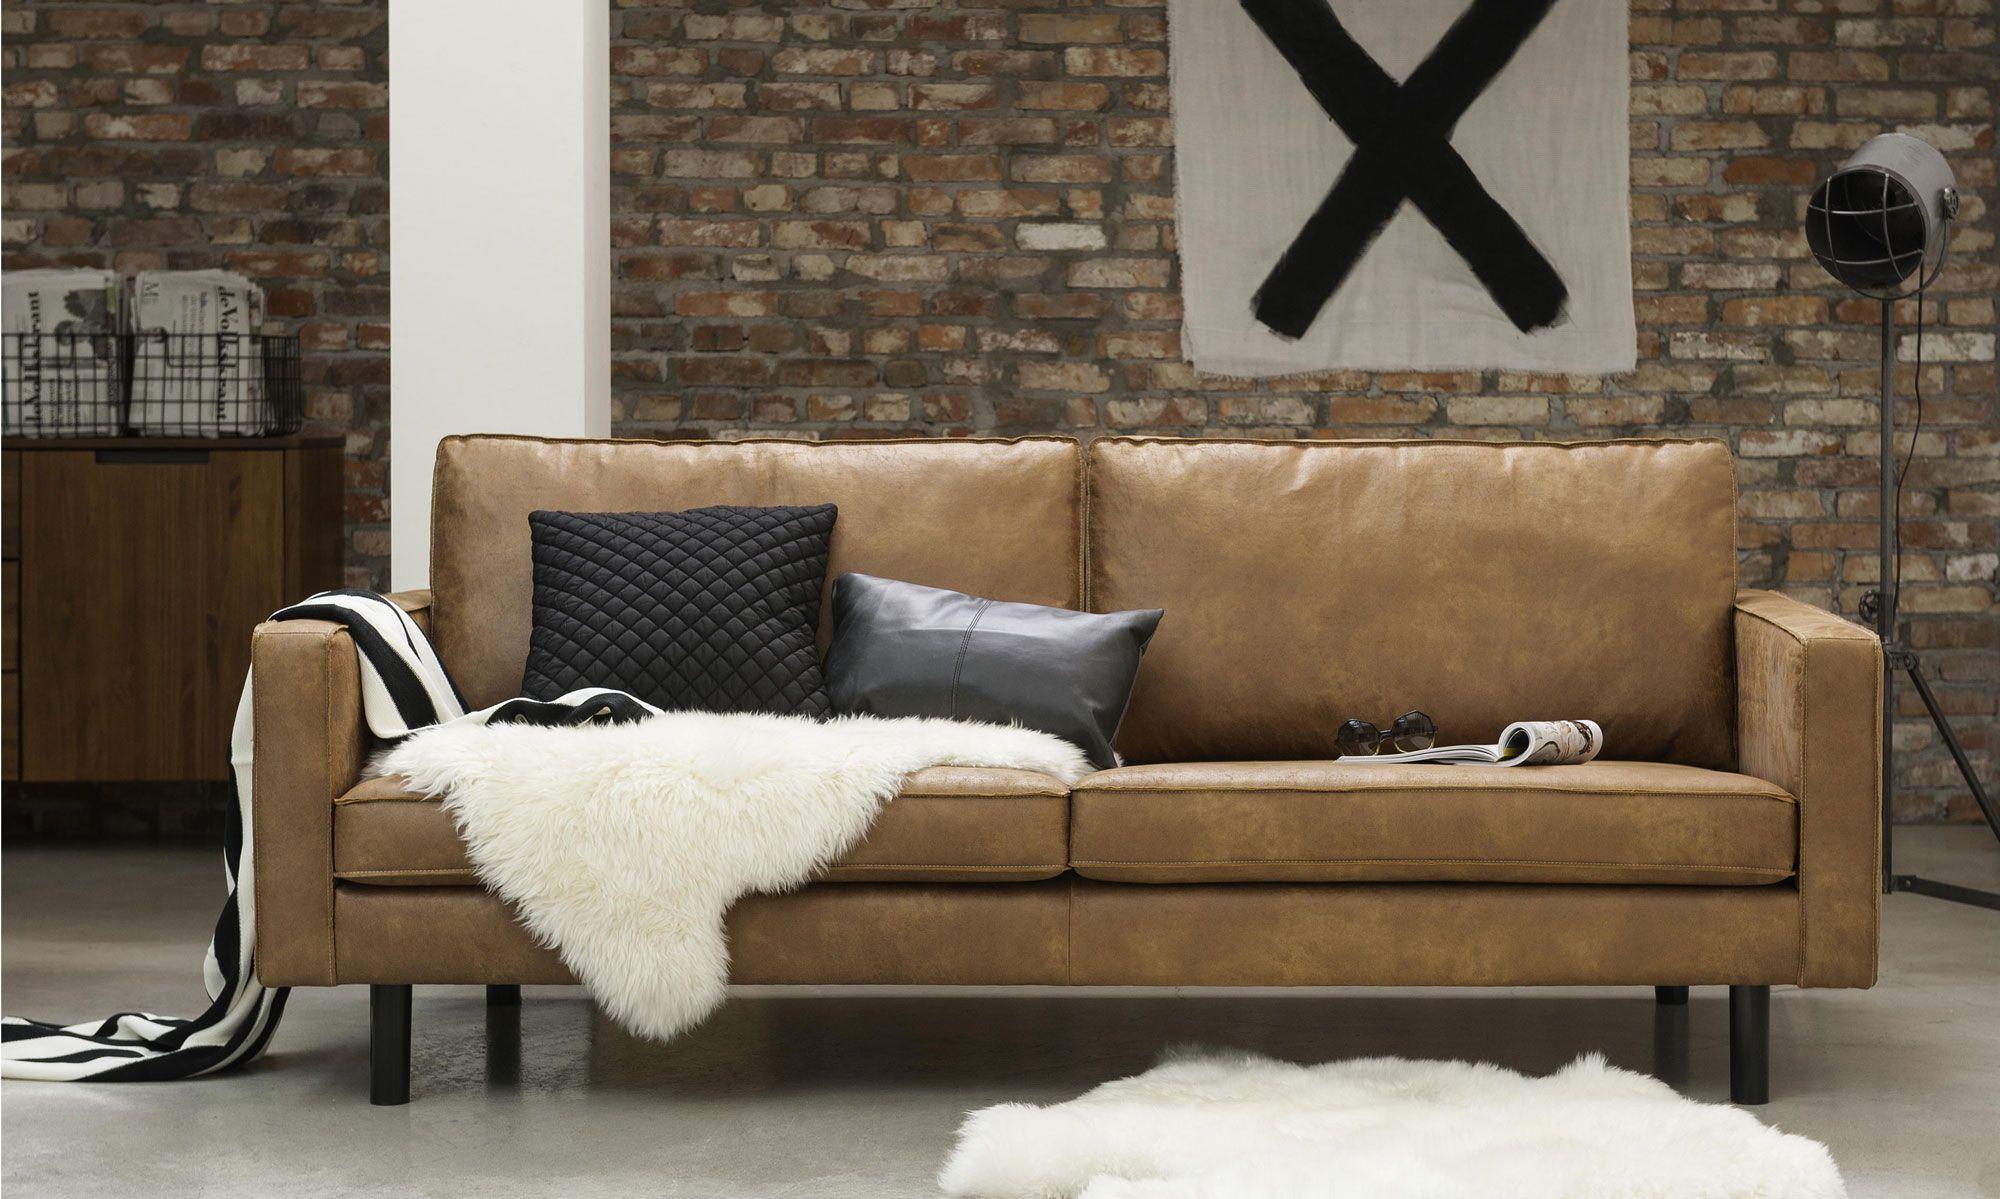 interior styling  Leen Bakker de UMIXcollectie via